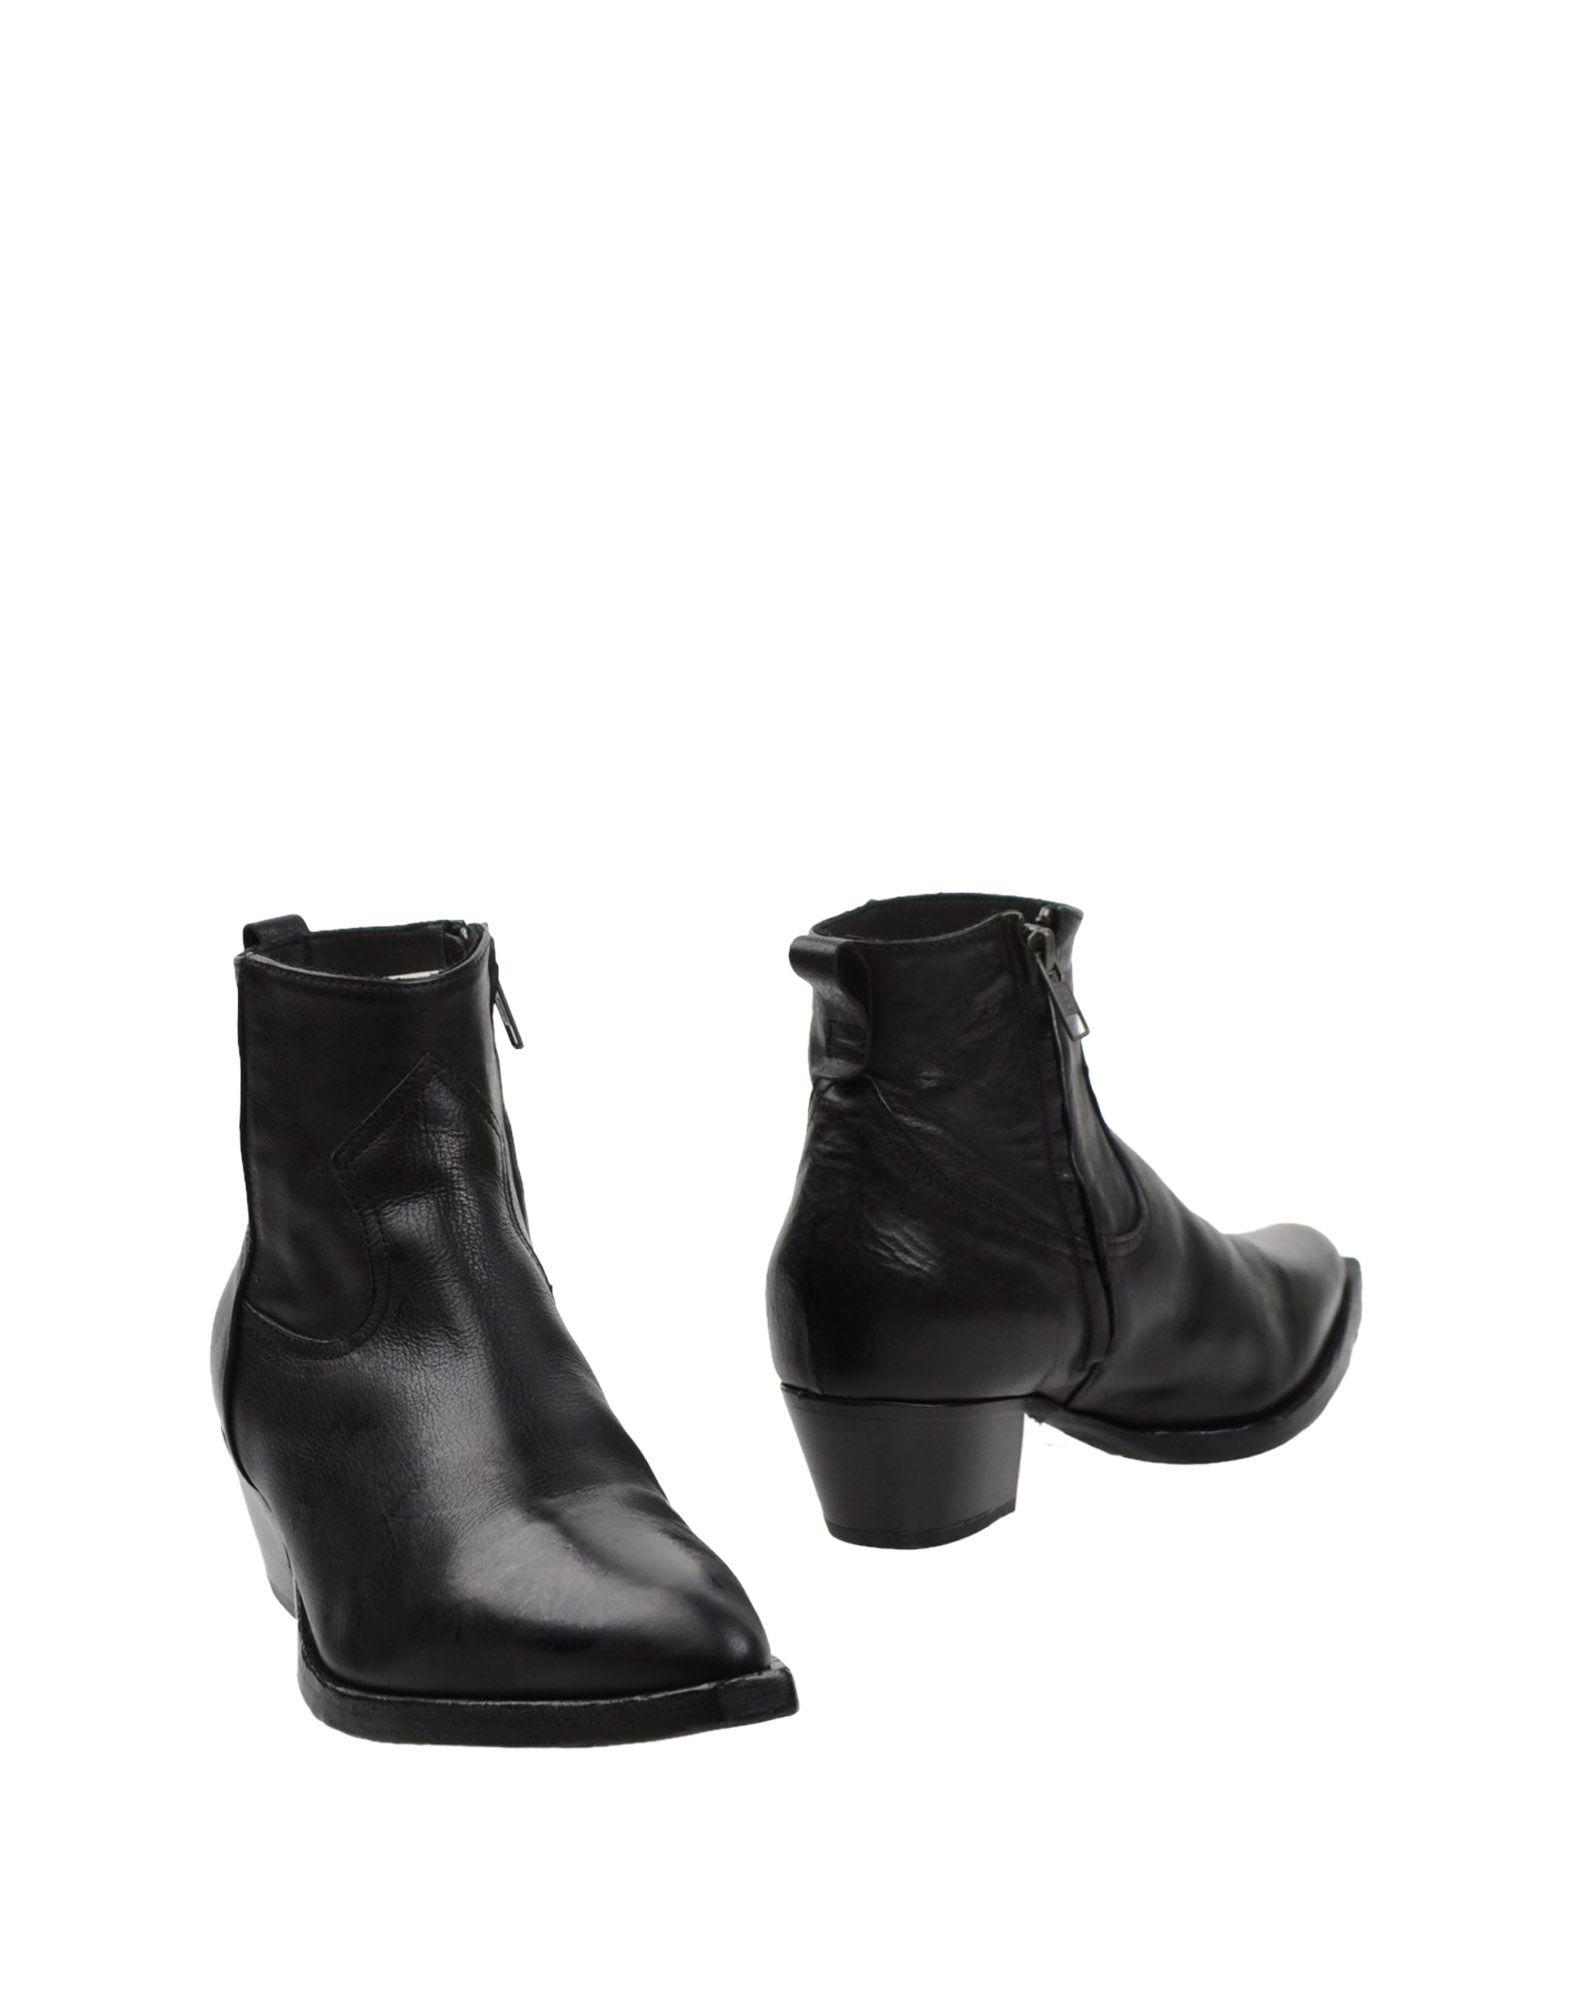 Lemaré Stiefelette Damen  11232995PP Gute Qualität beliebte Schuhe